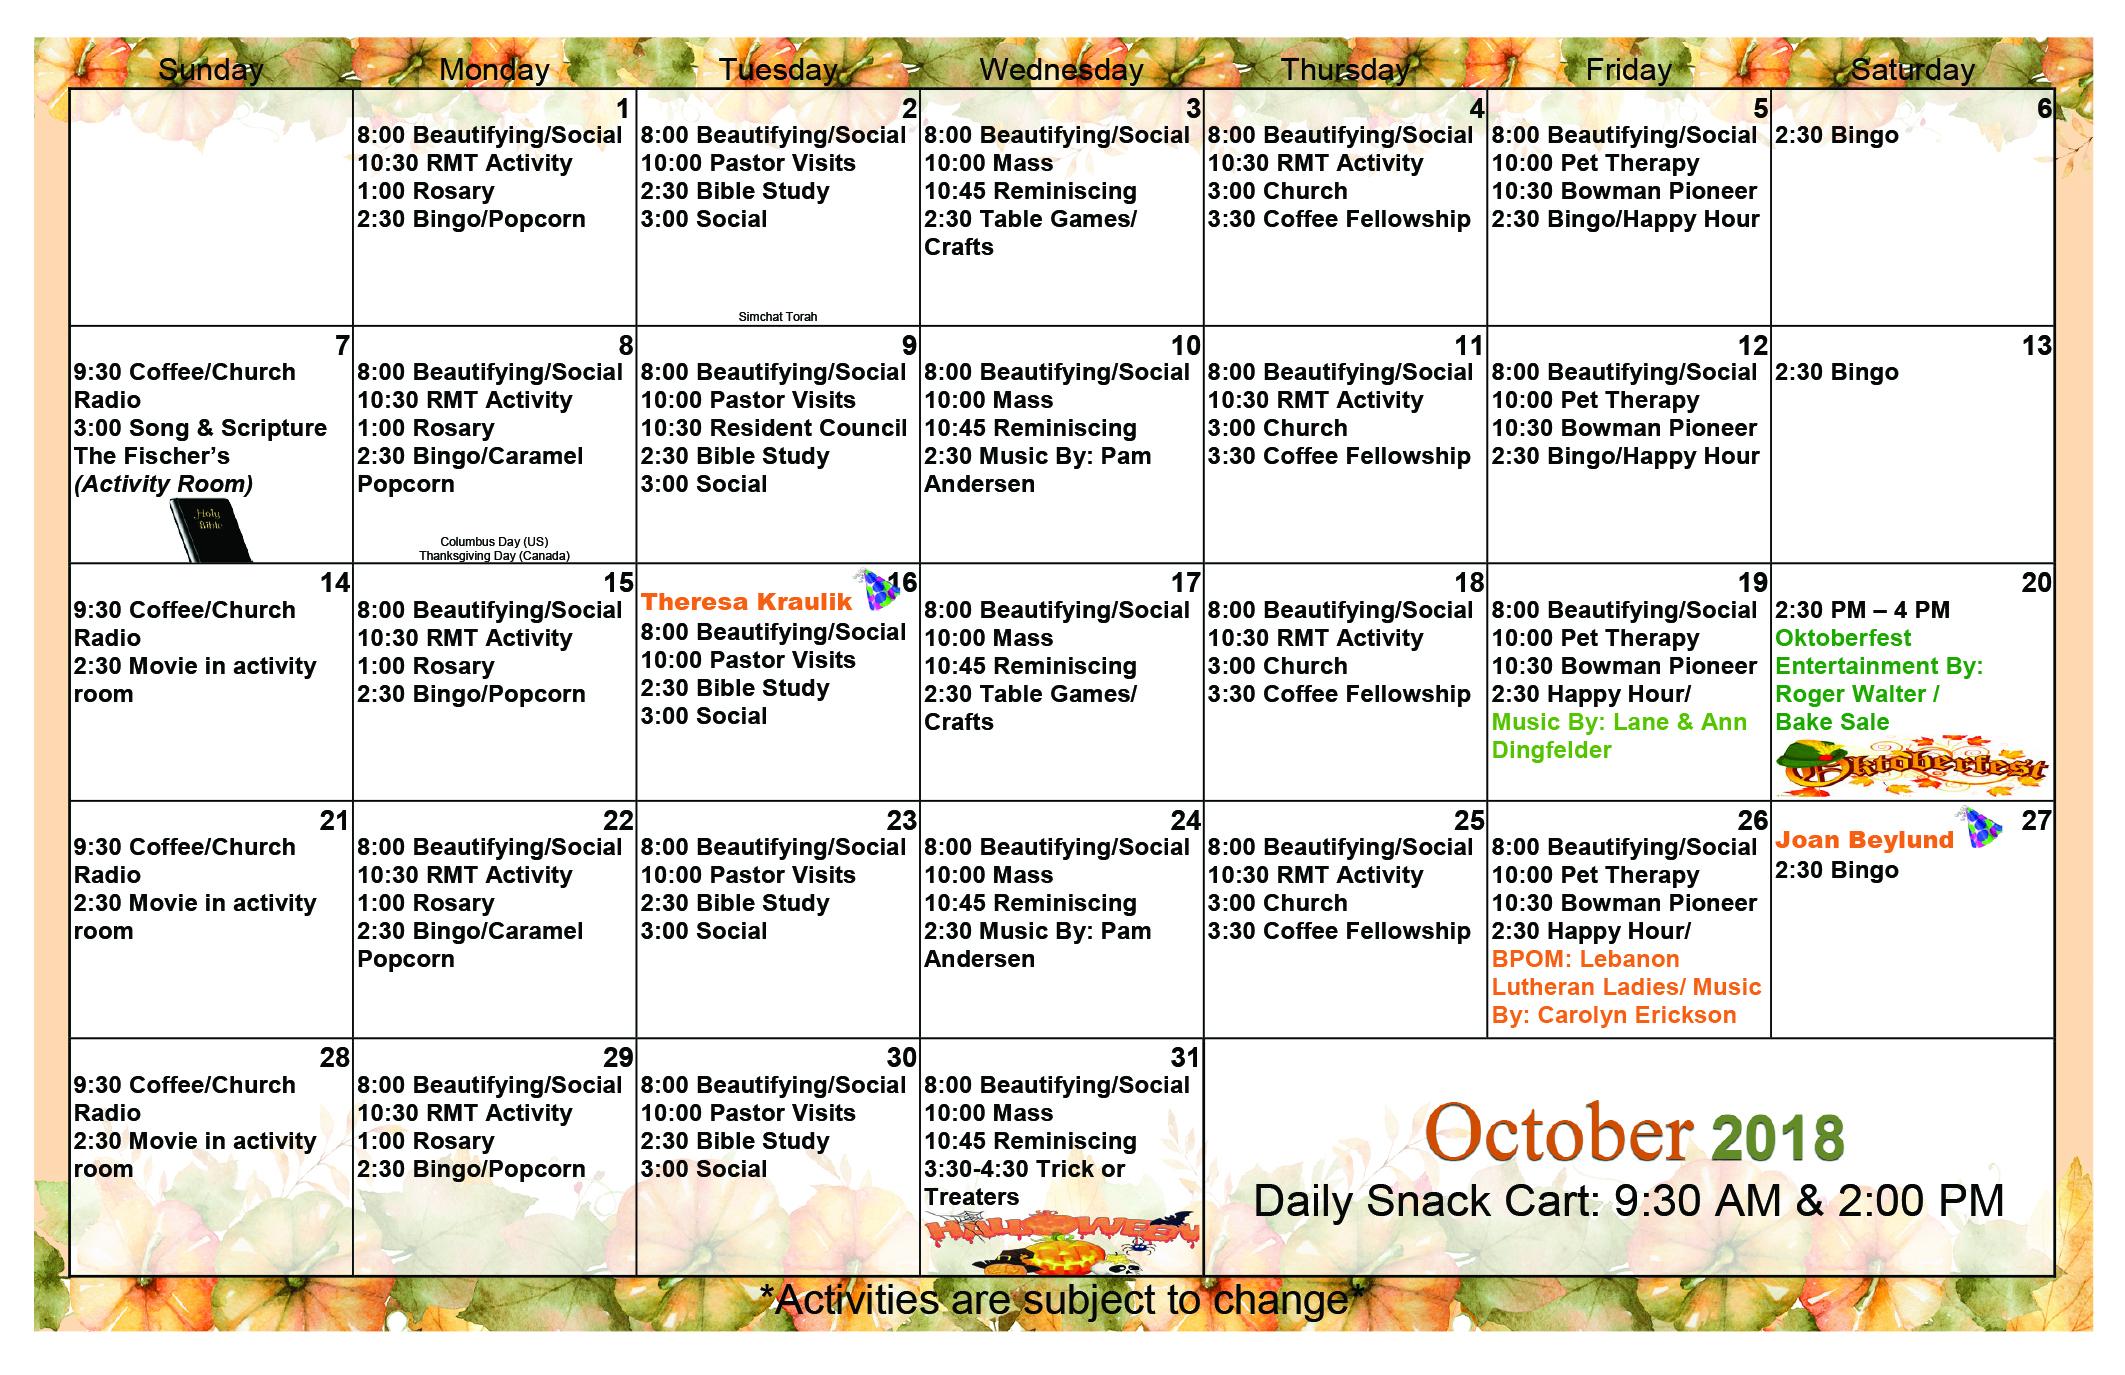 October 2018 Event Calendar